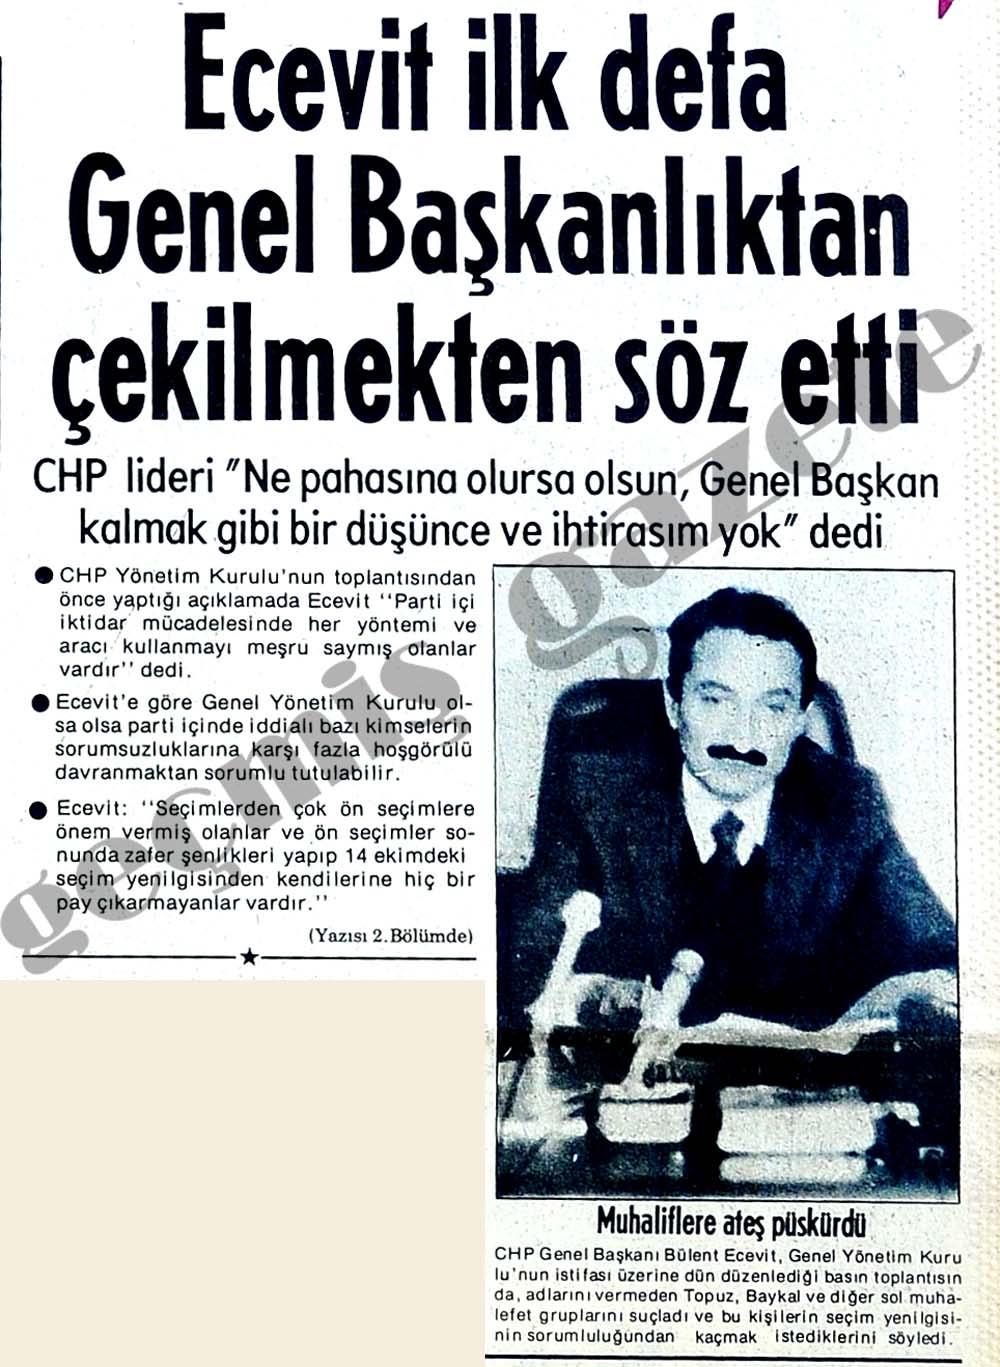 Ecevit ilk defa Genel Başkanlıktan çekilmekten söz etti